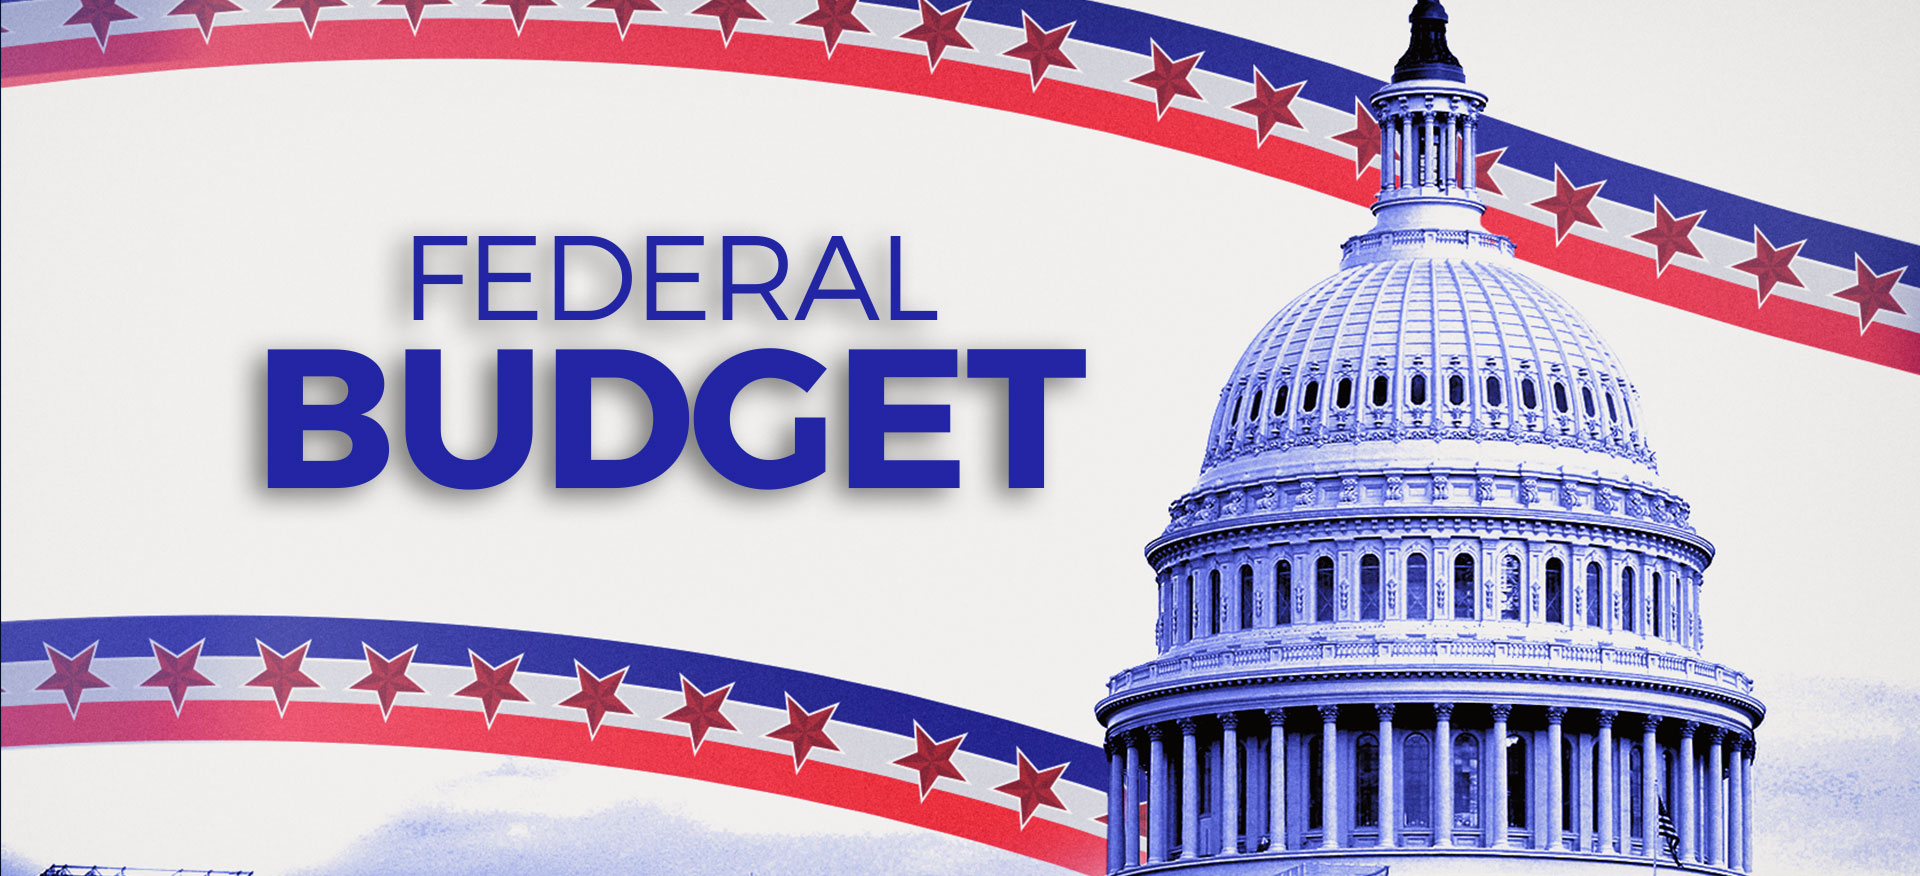 Federal Budget U.S. Budget